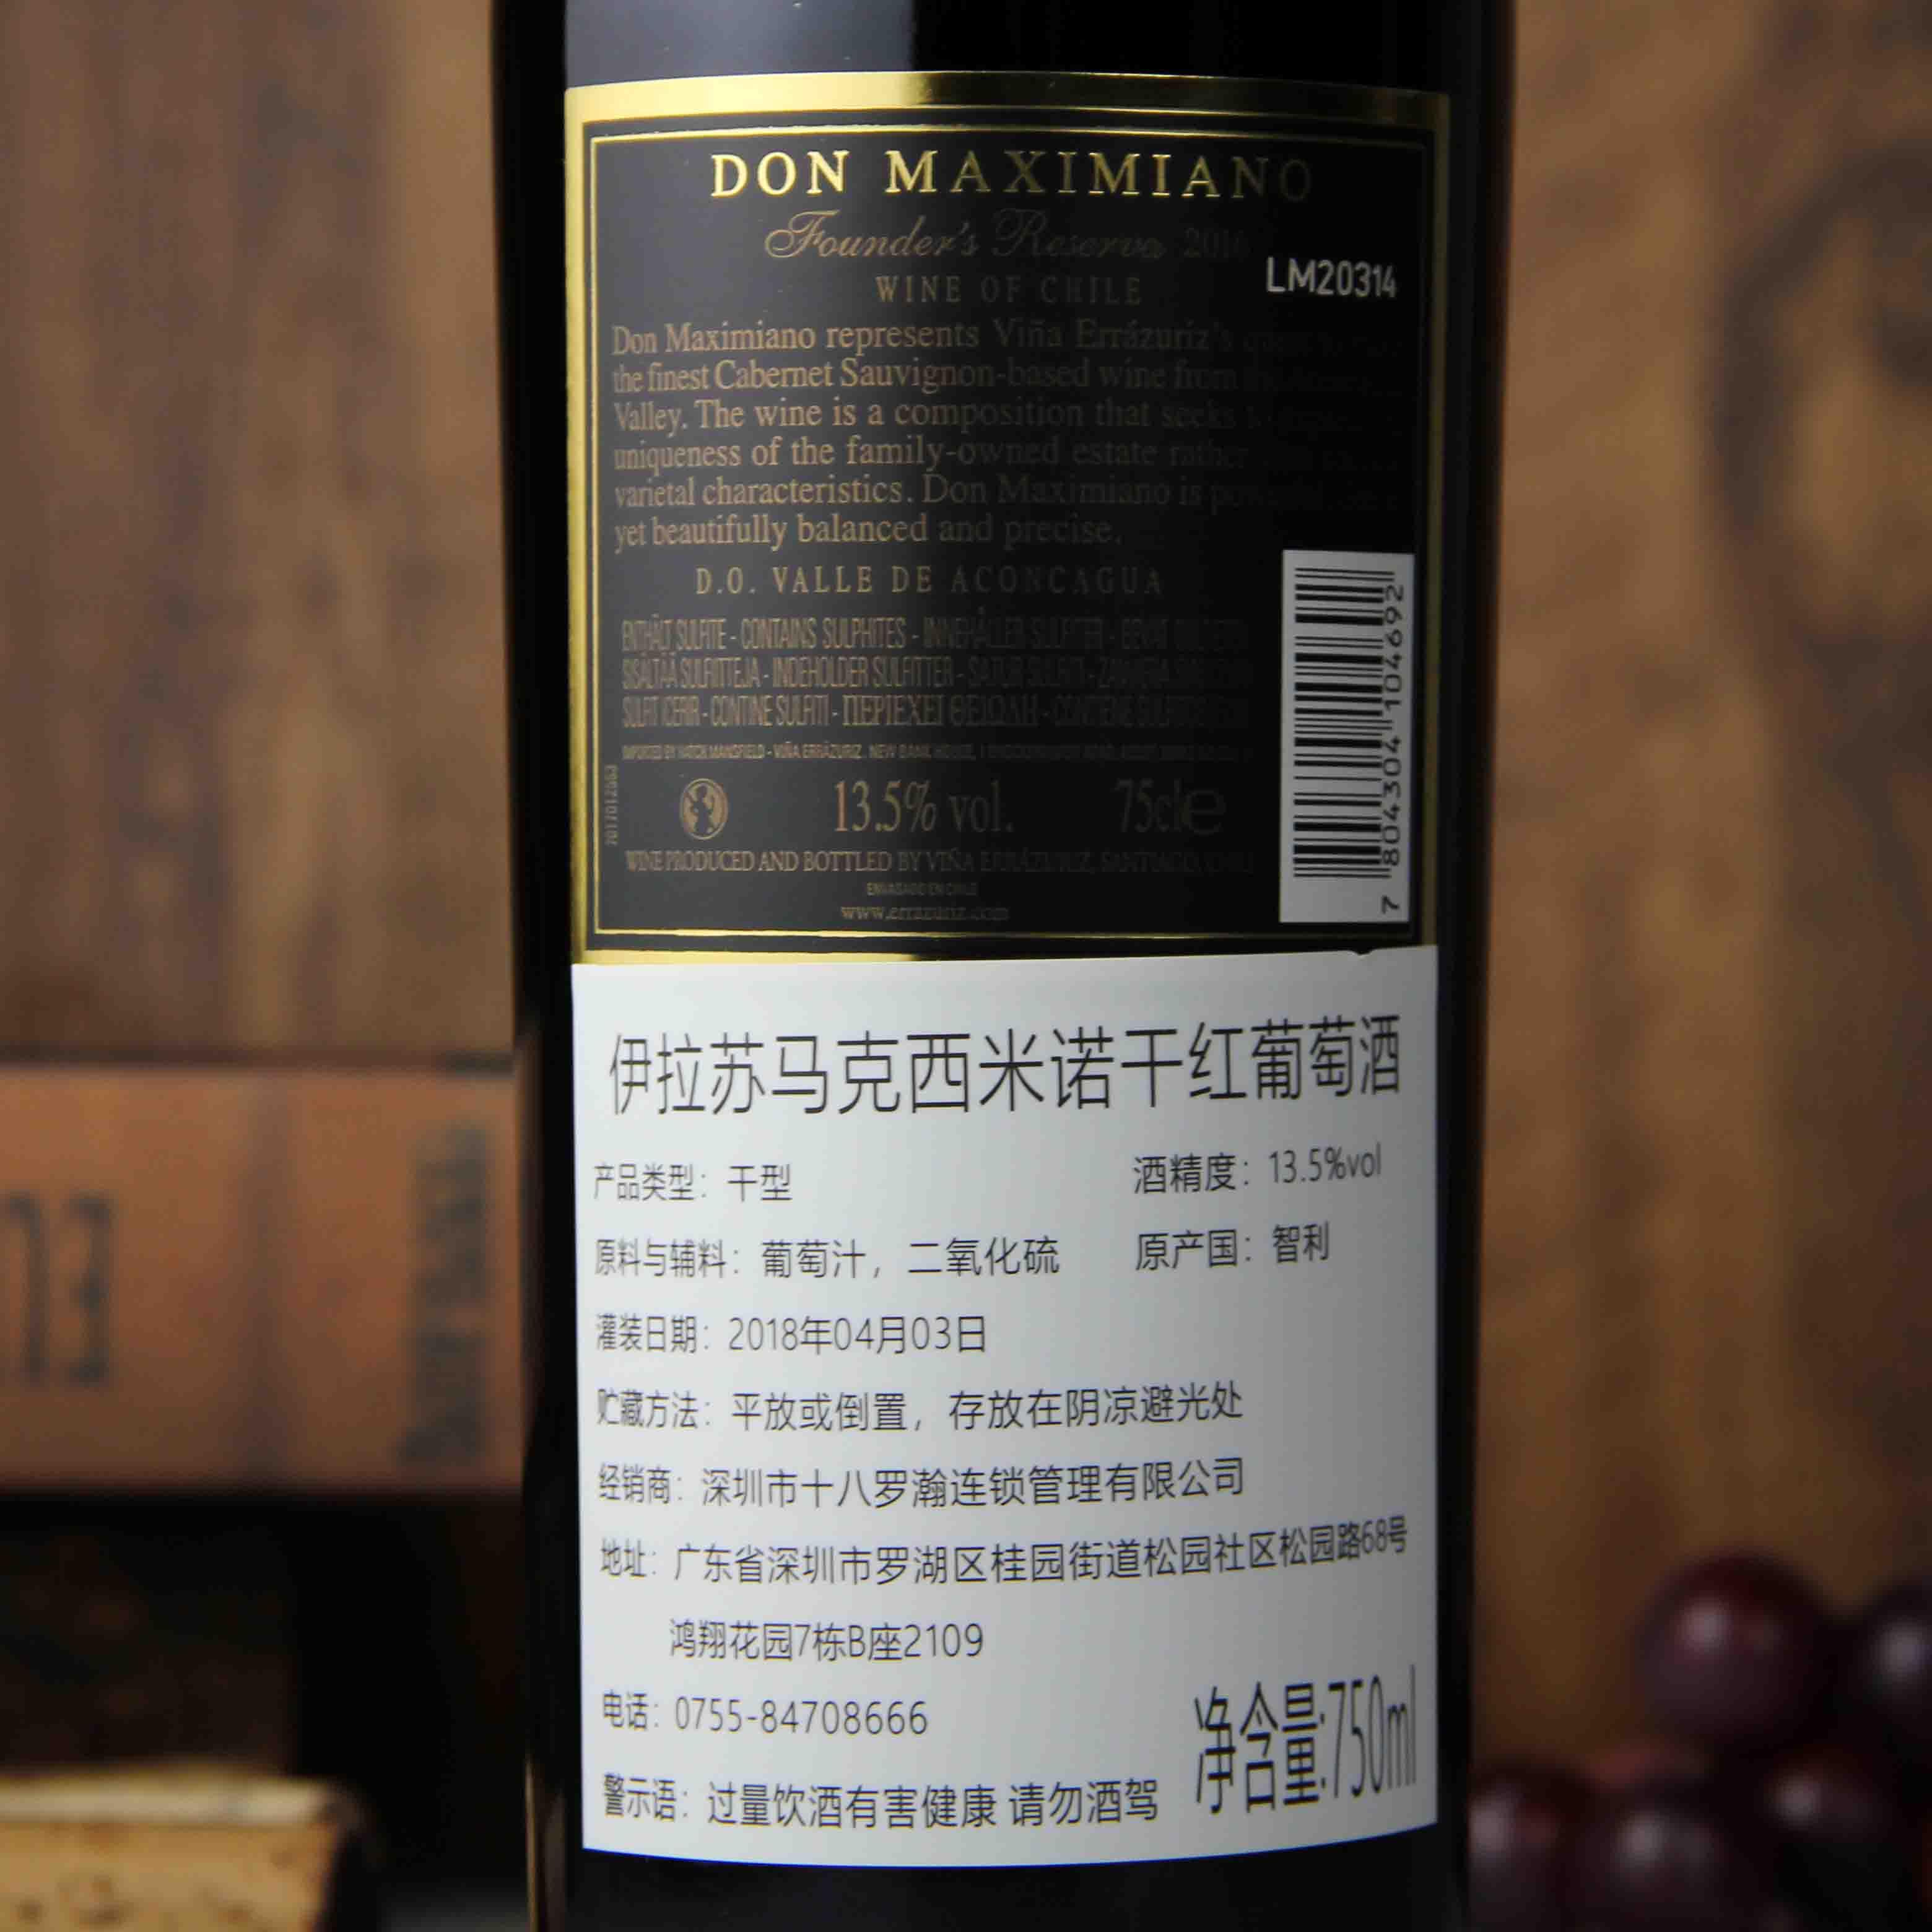 智利阿空加瓜谷伊拉苏马克西米诺干红葡萄酒